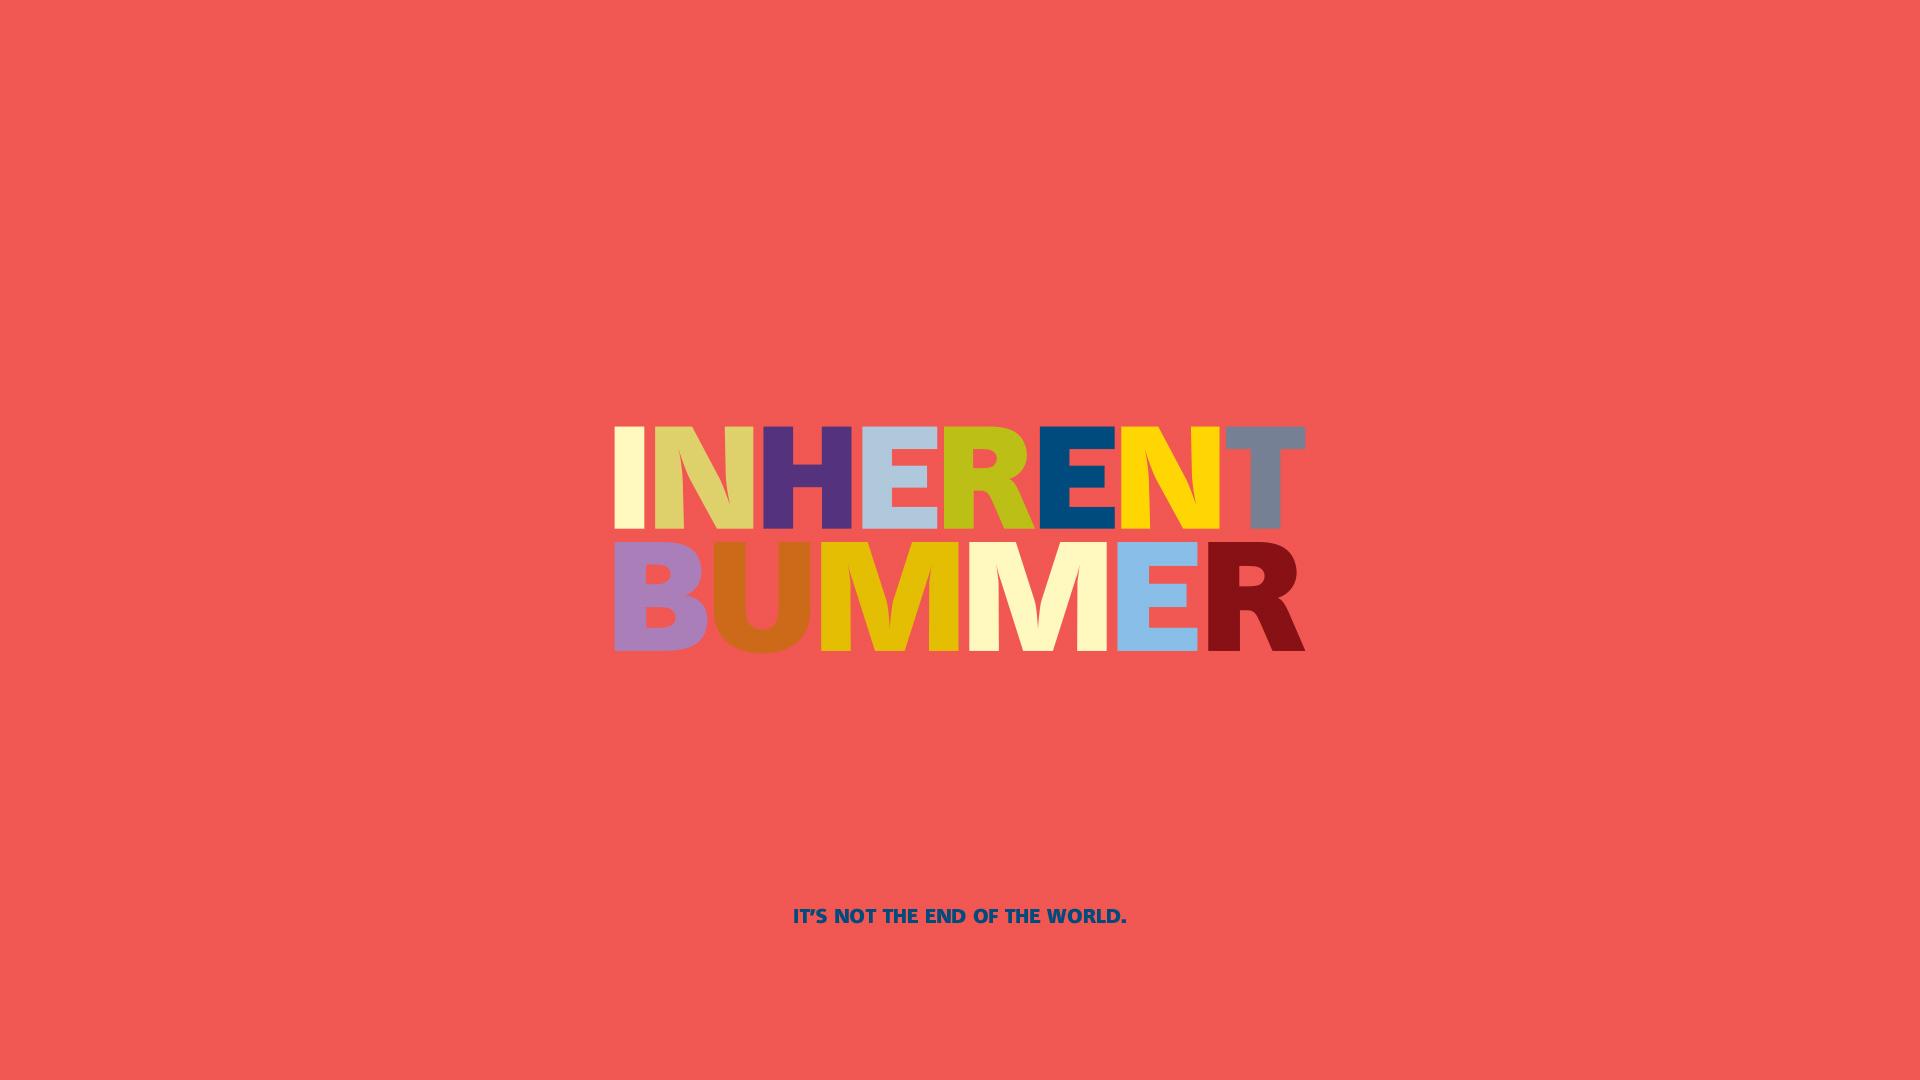 Bummer-homepage1-3.jpg